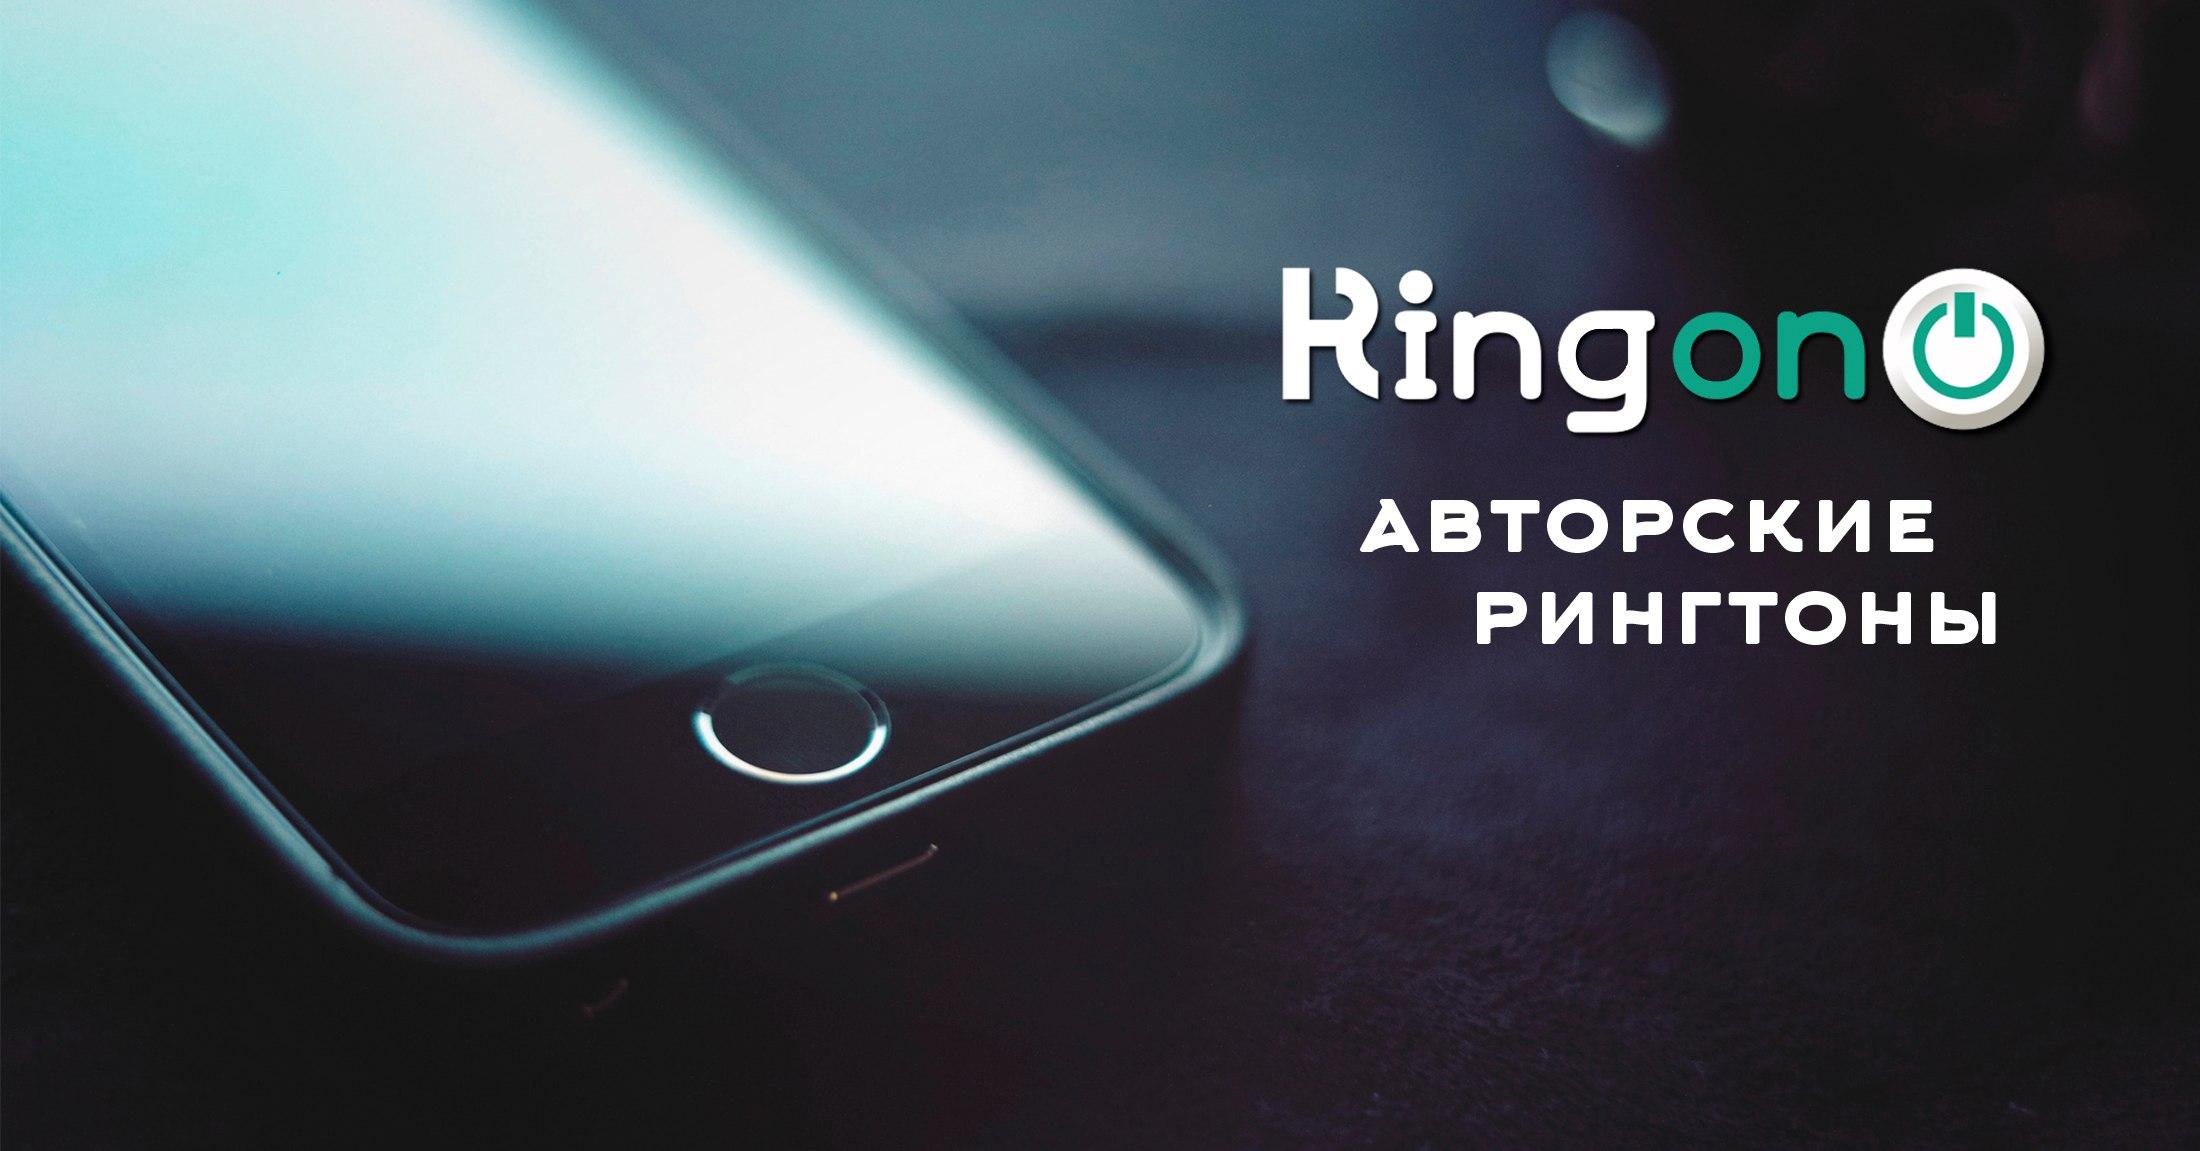 Формат рингтонов для iphone в поисках мелодии | ibobr. Ru.